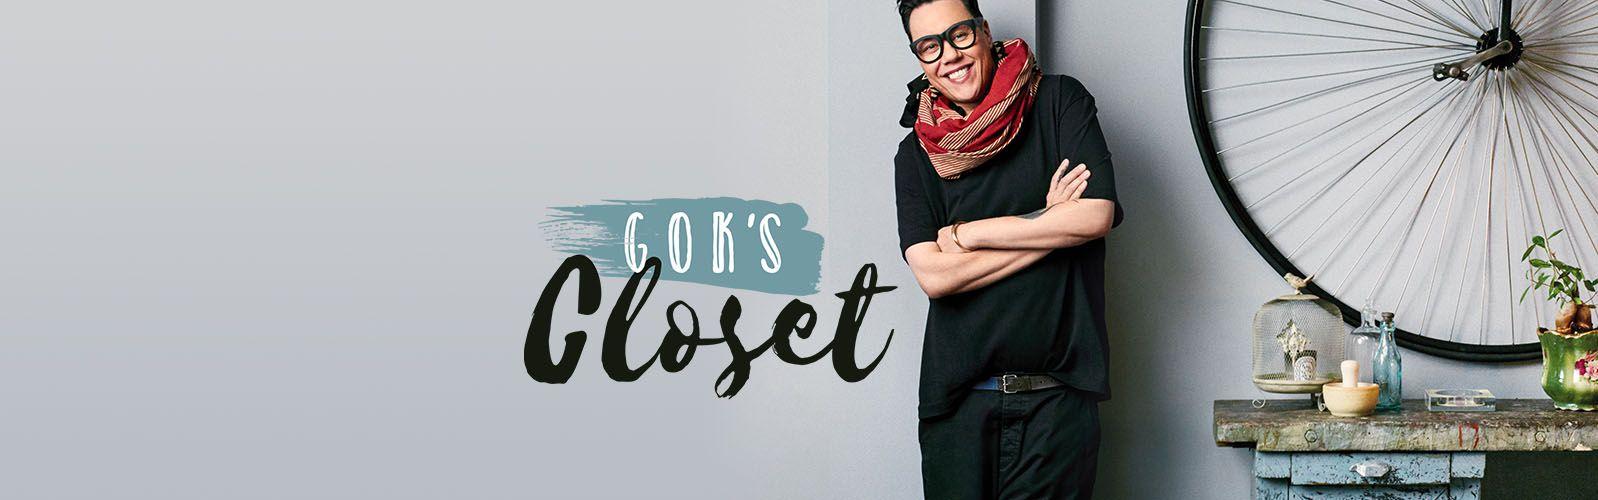 Gok's Closet